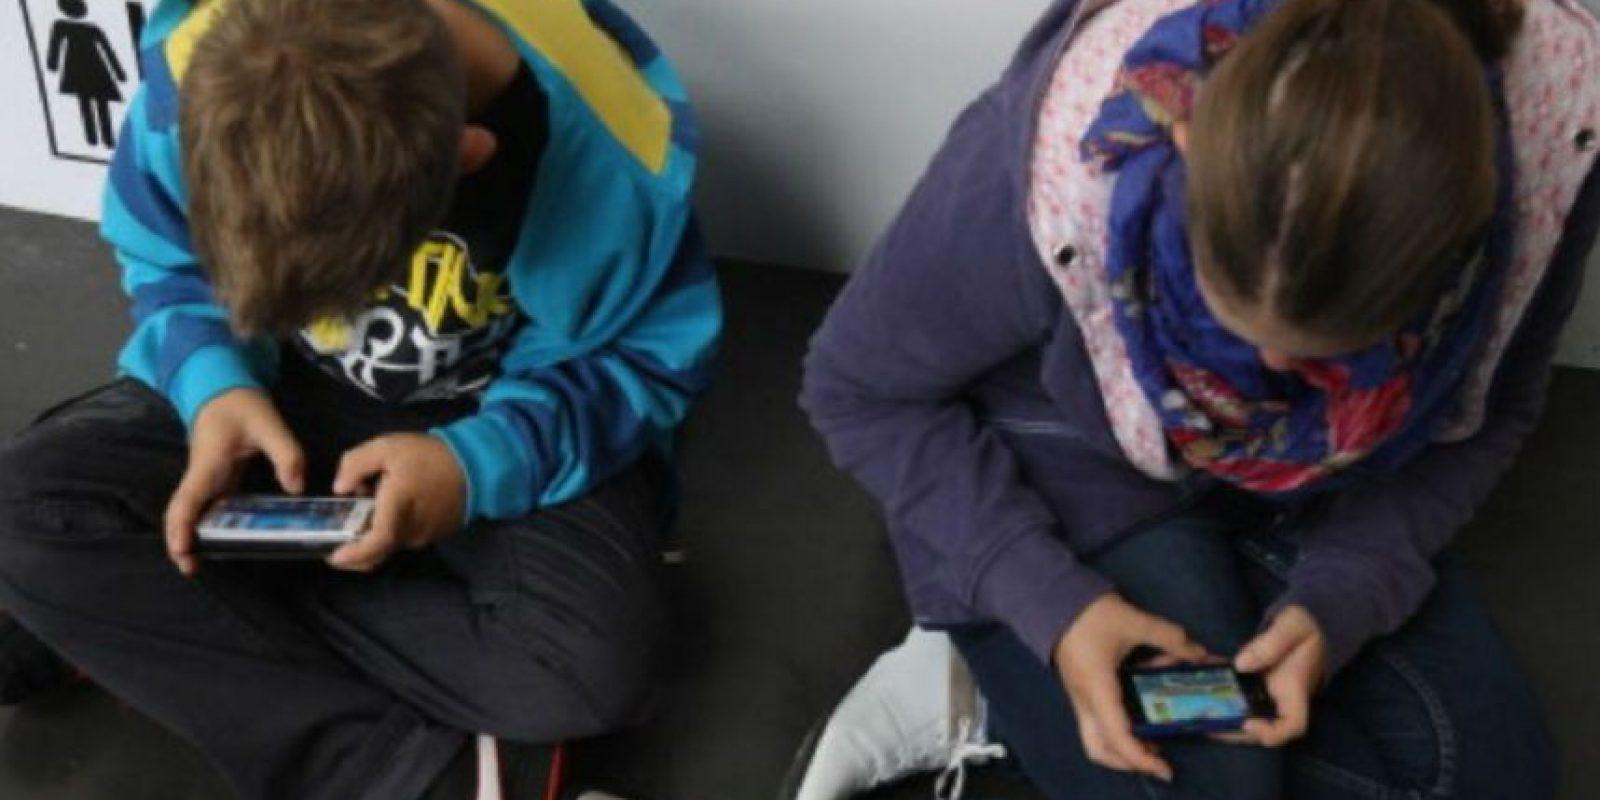 Los videojuegos para smartphones se han convertido en esenciales. Foto:Getty Images